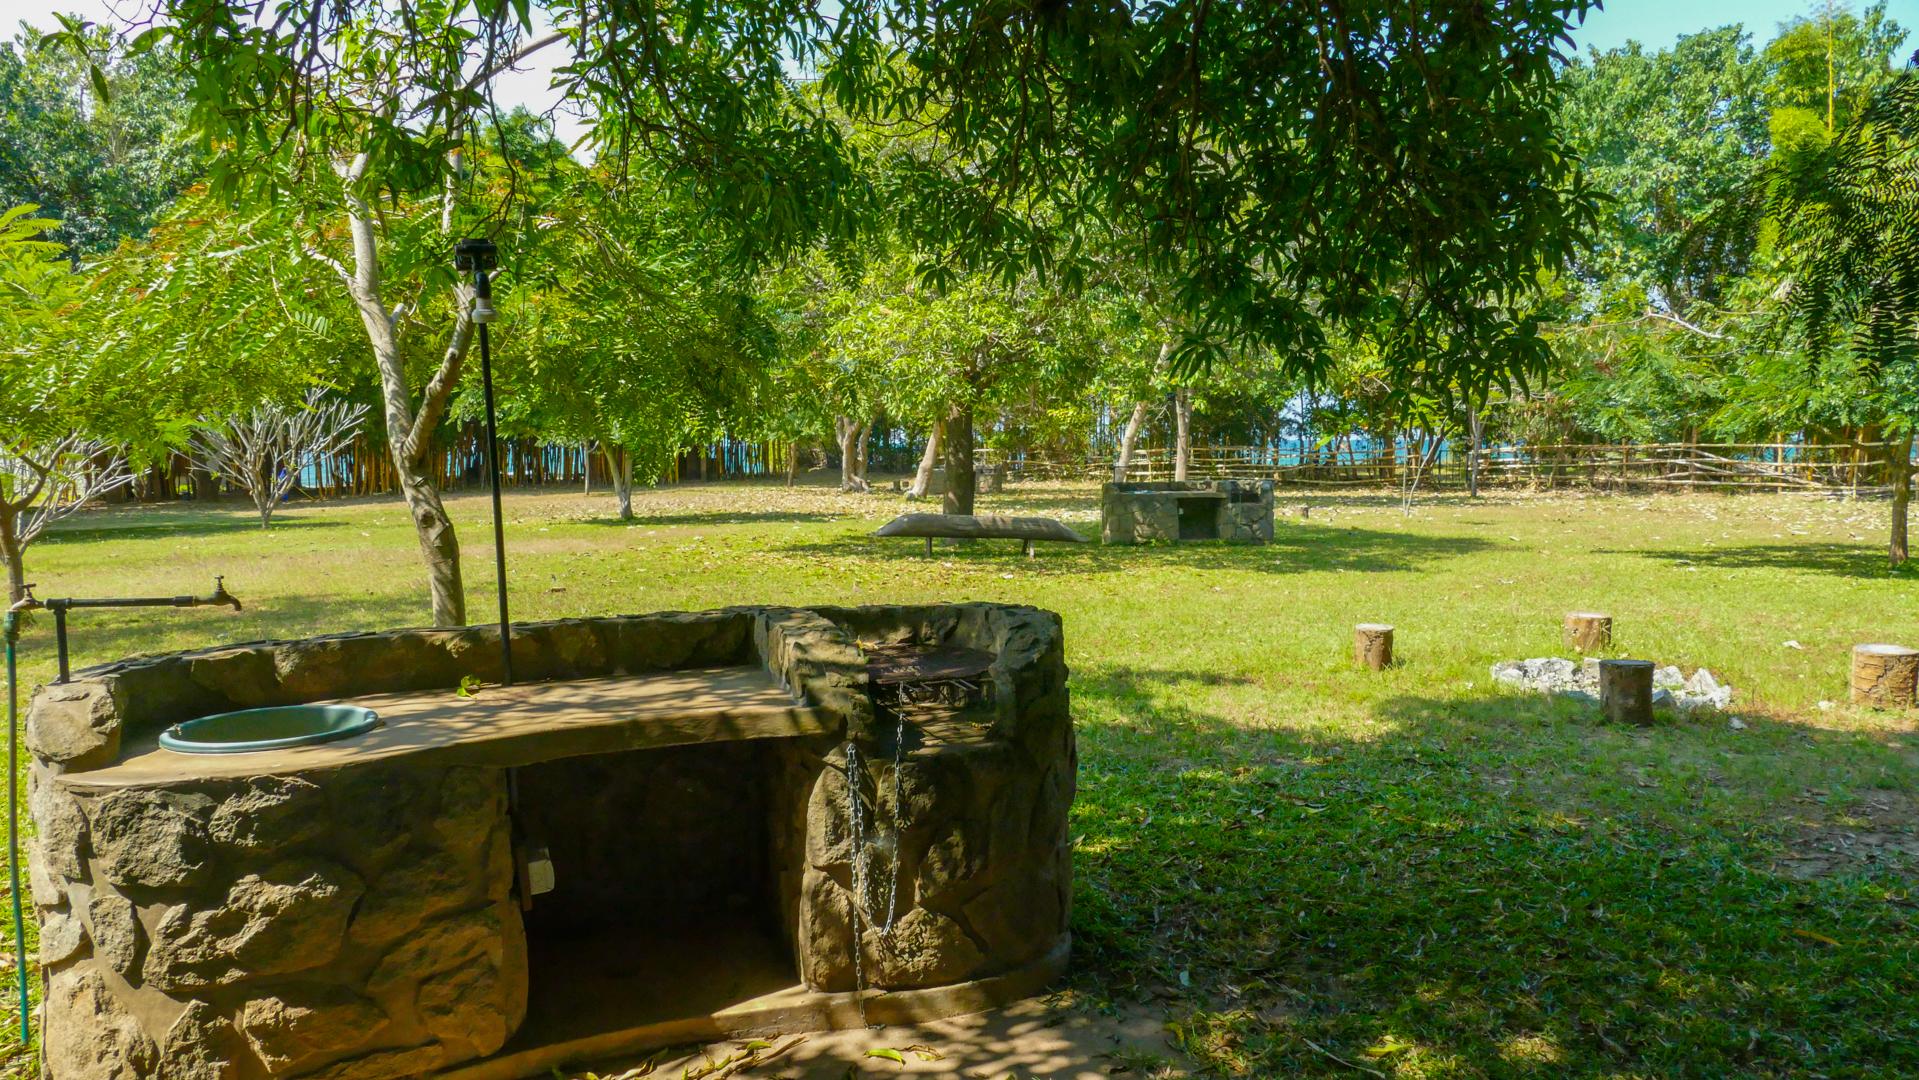 Camping at Kachere